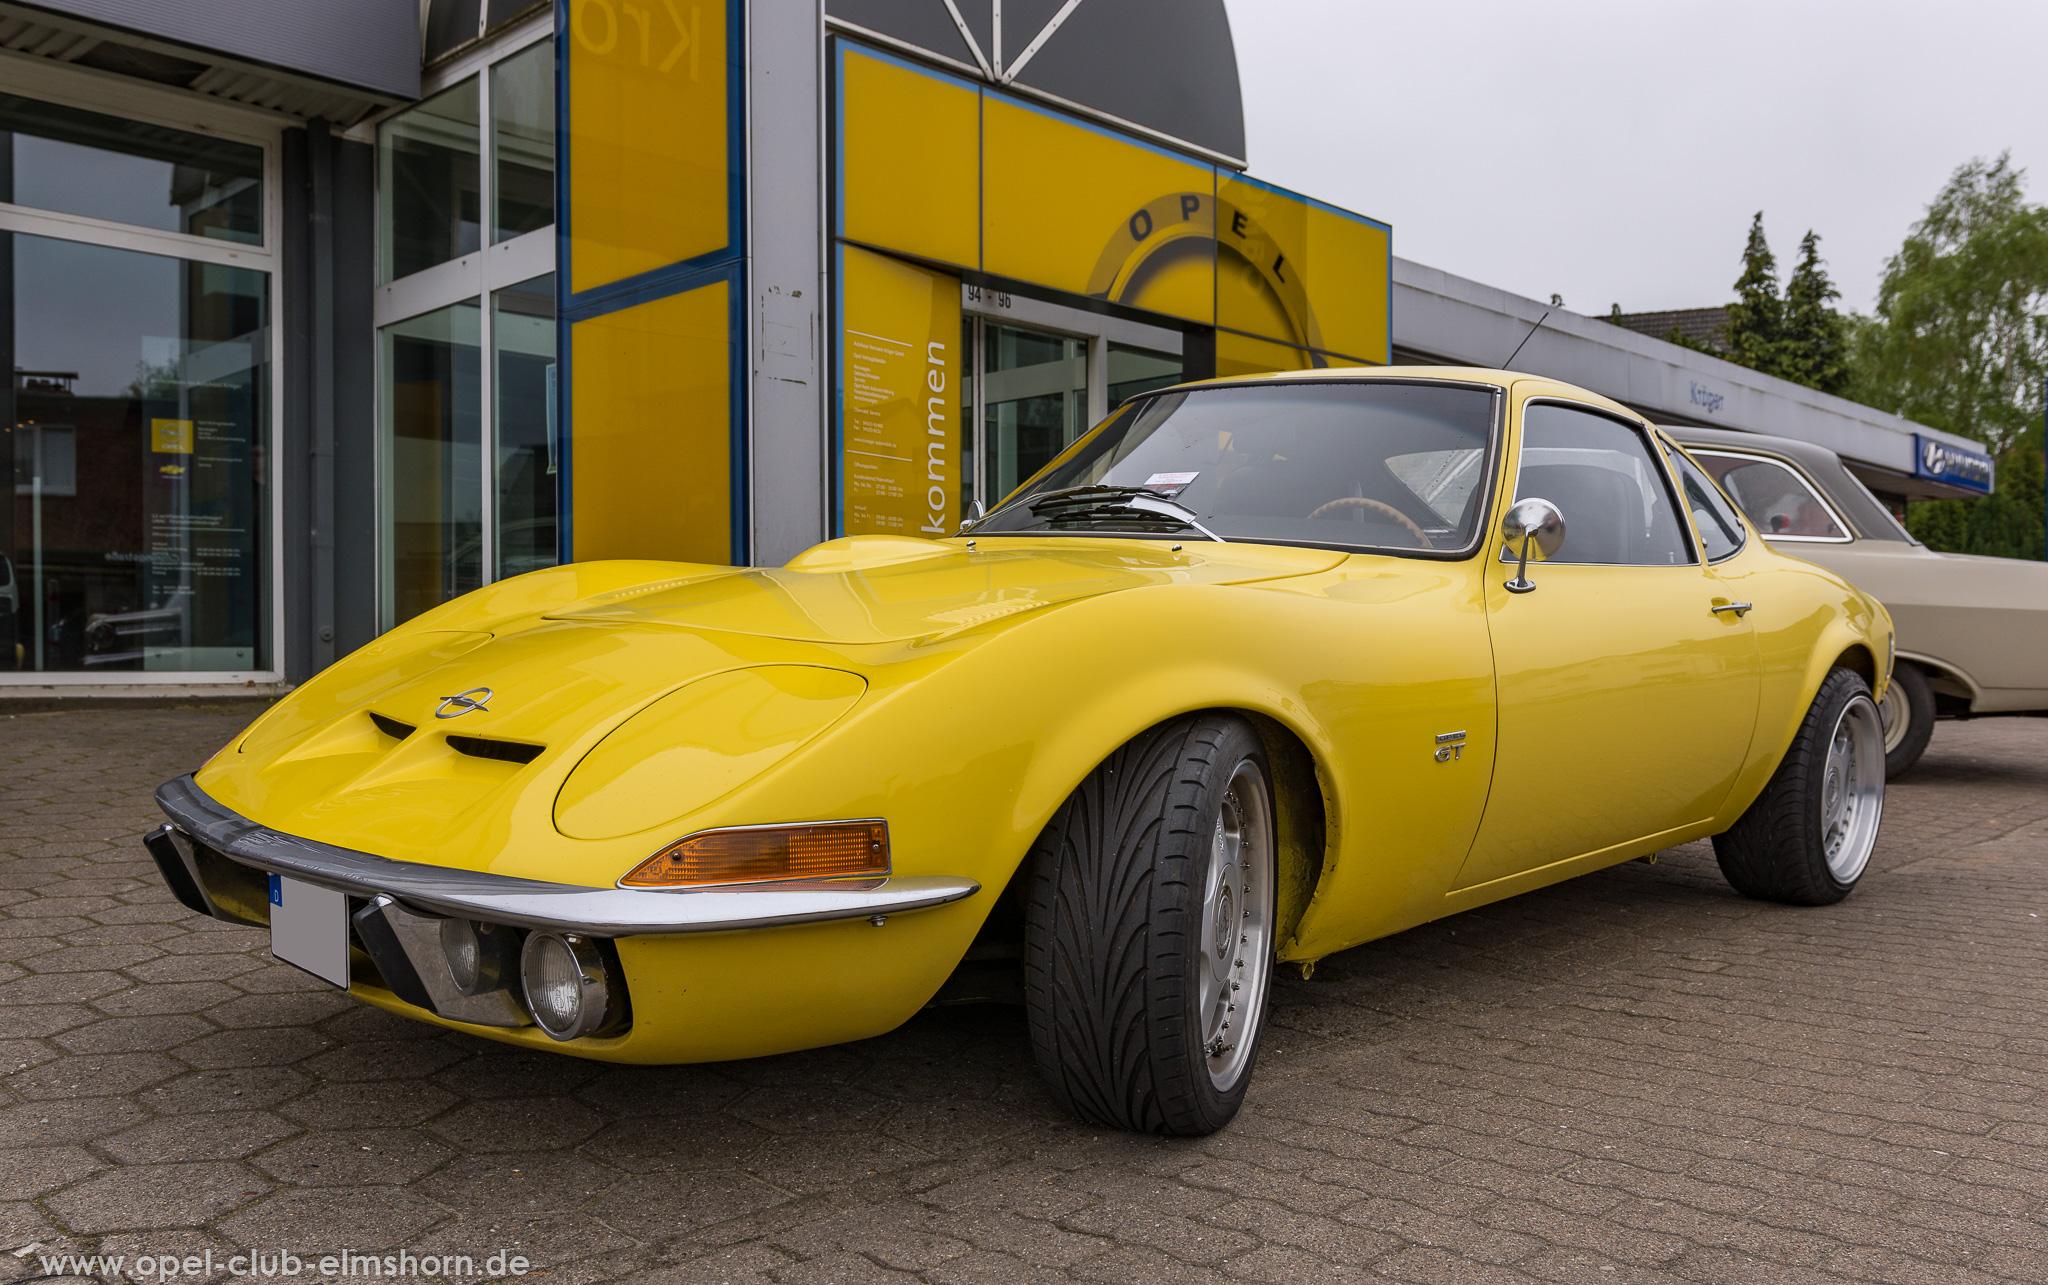 Altopeltreffen Wedel 2019 - 20190501_114408 - Opel GT